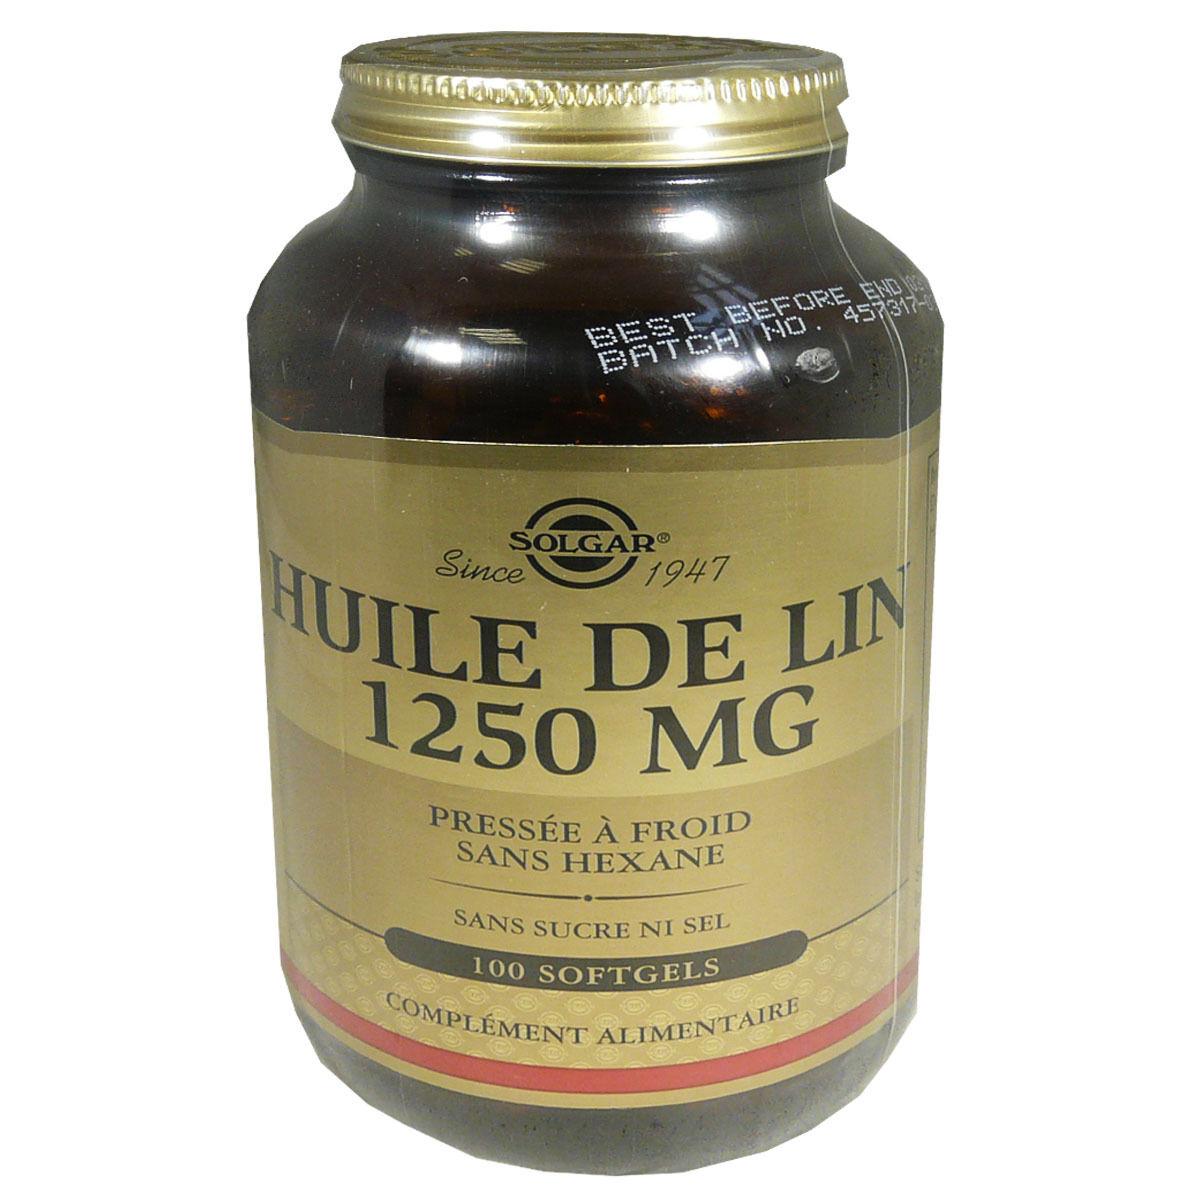 Solgar huile de lin 1250 mg 100 softgels